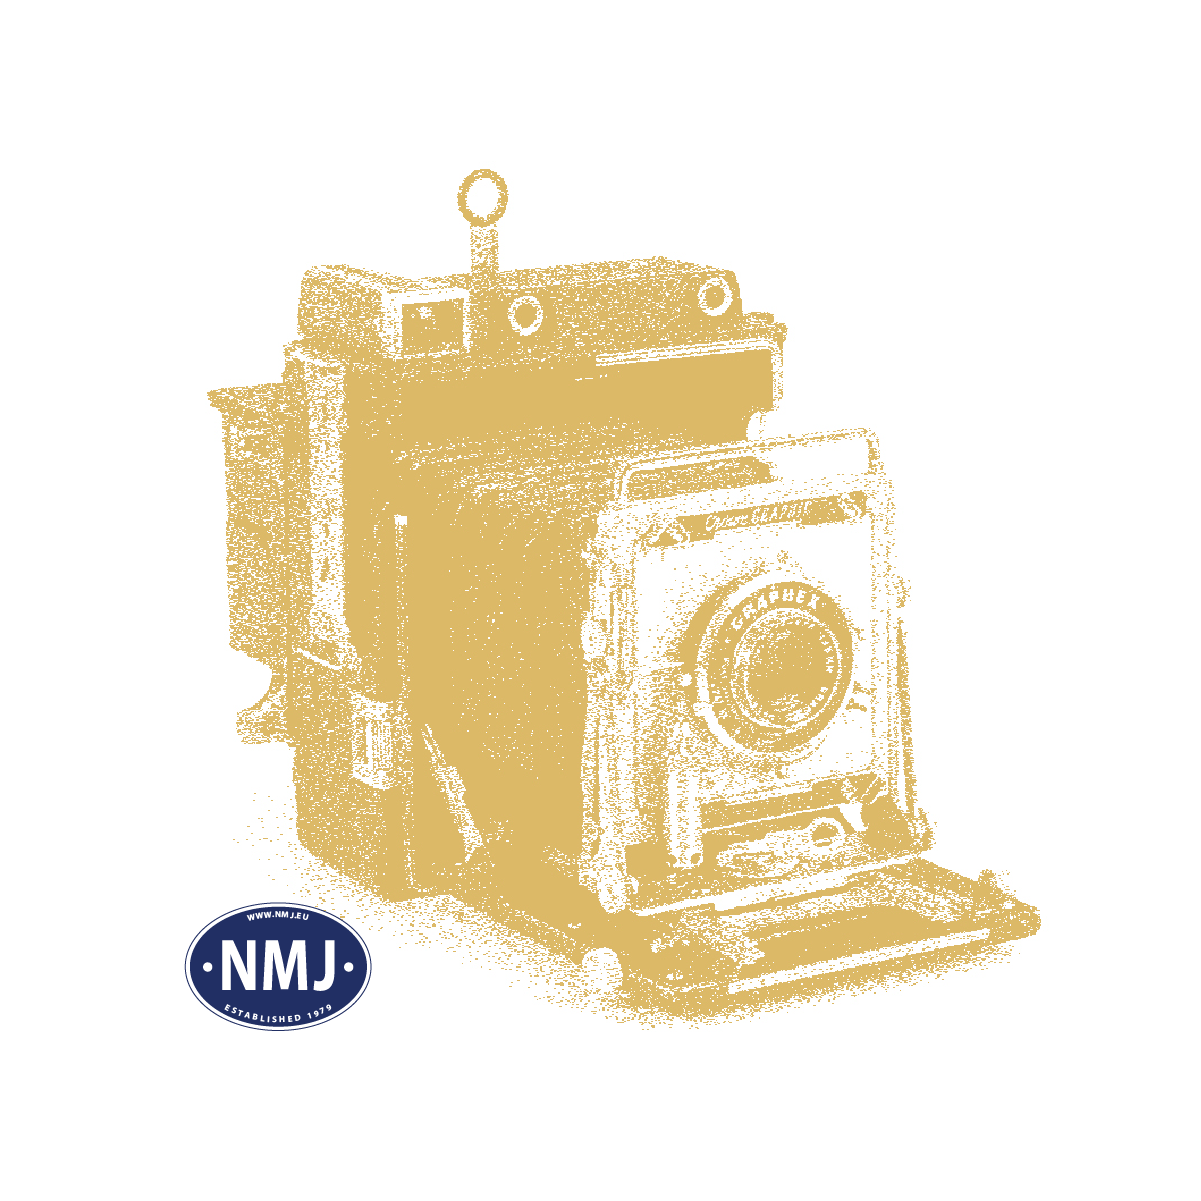 NOC17003 - Fartskontroll, Funksjonsmodeller med LED lys, Spesialpakke